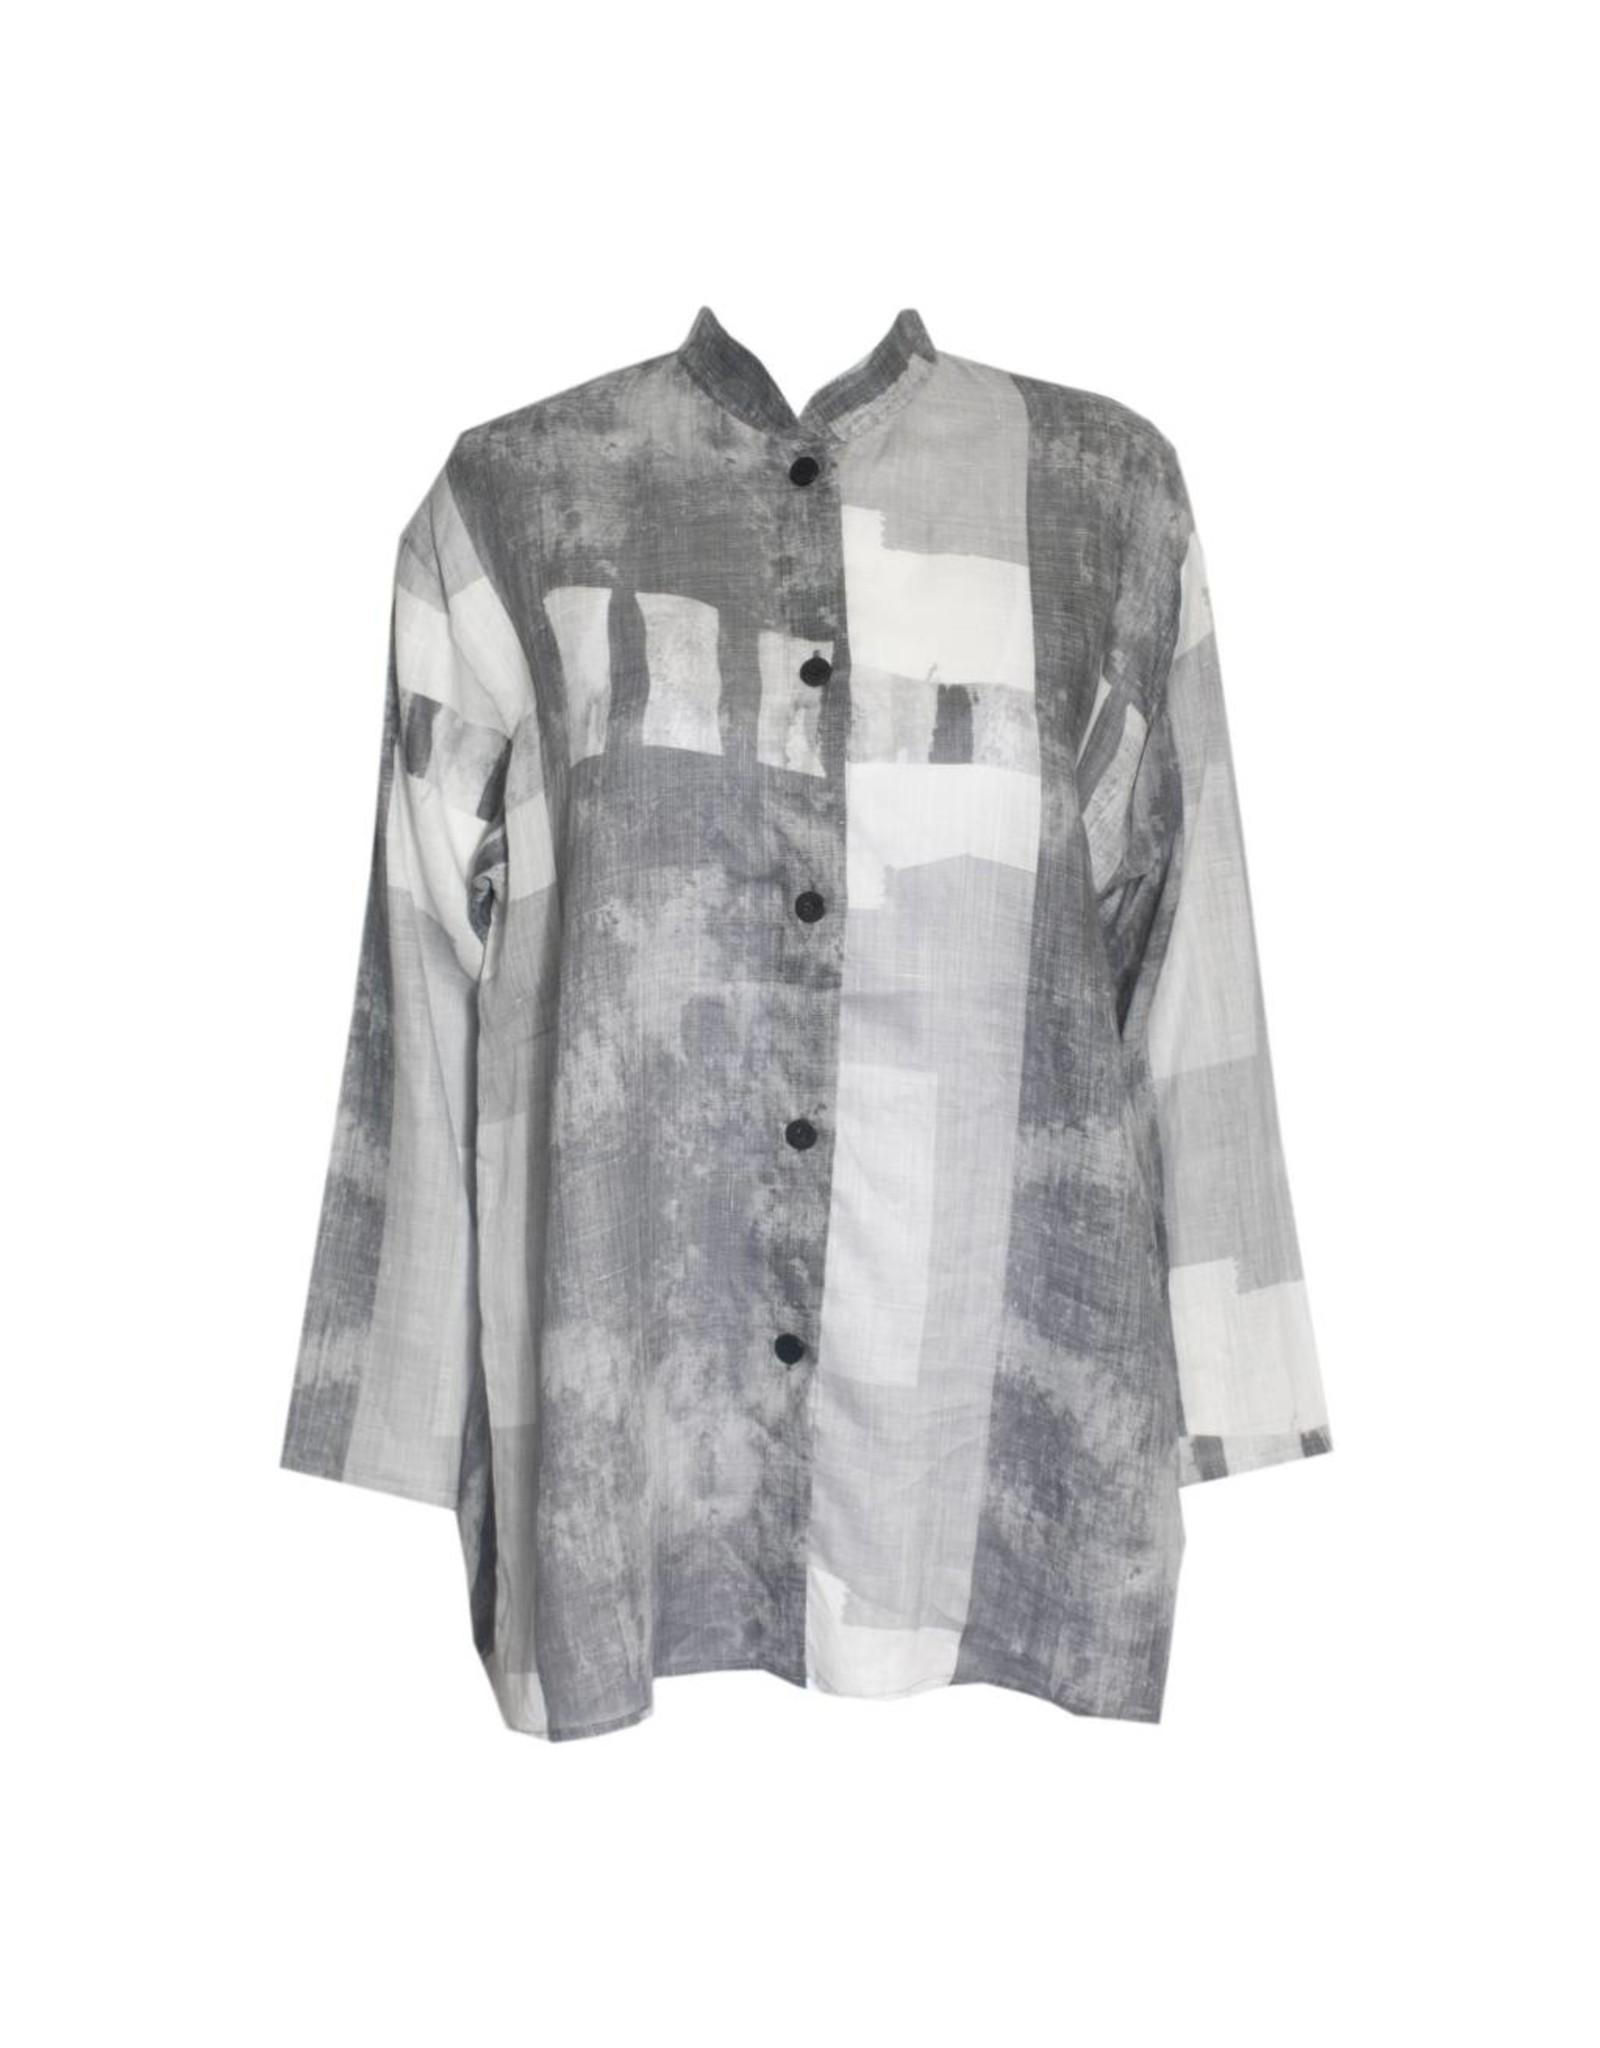 Xiaoyan Xiaoyan Linen Collared Shirt - Light Concrete